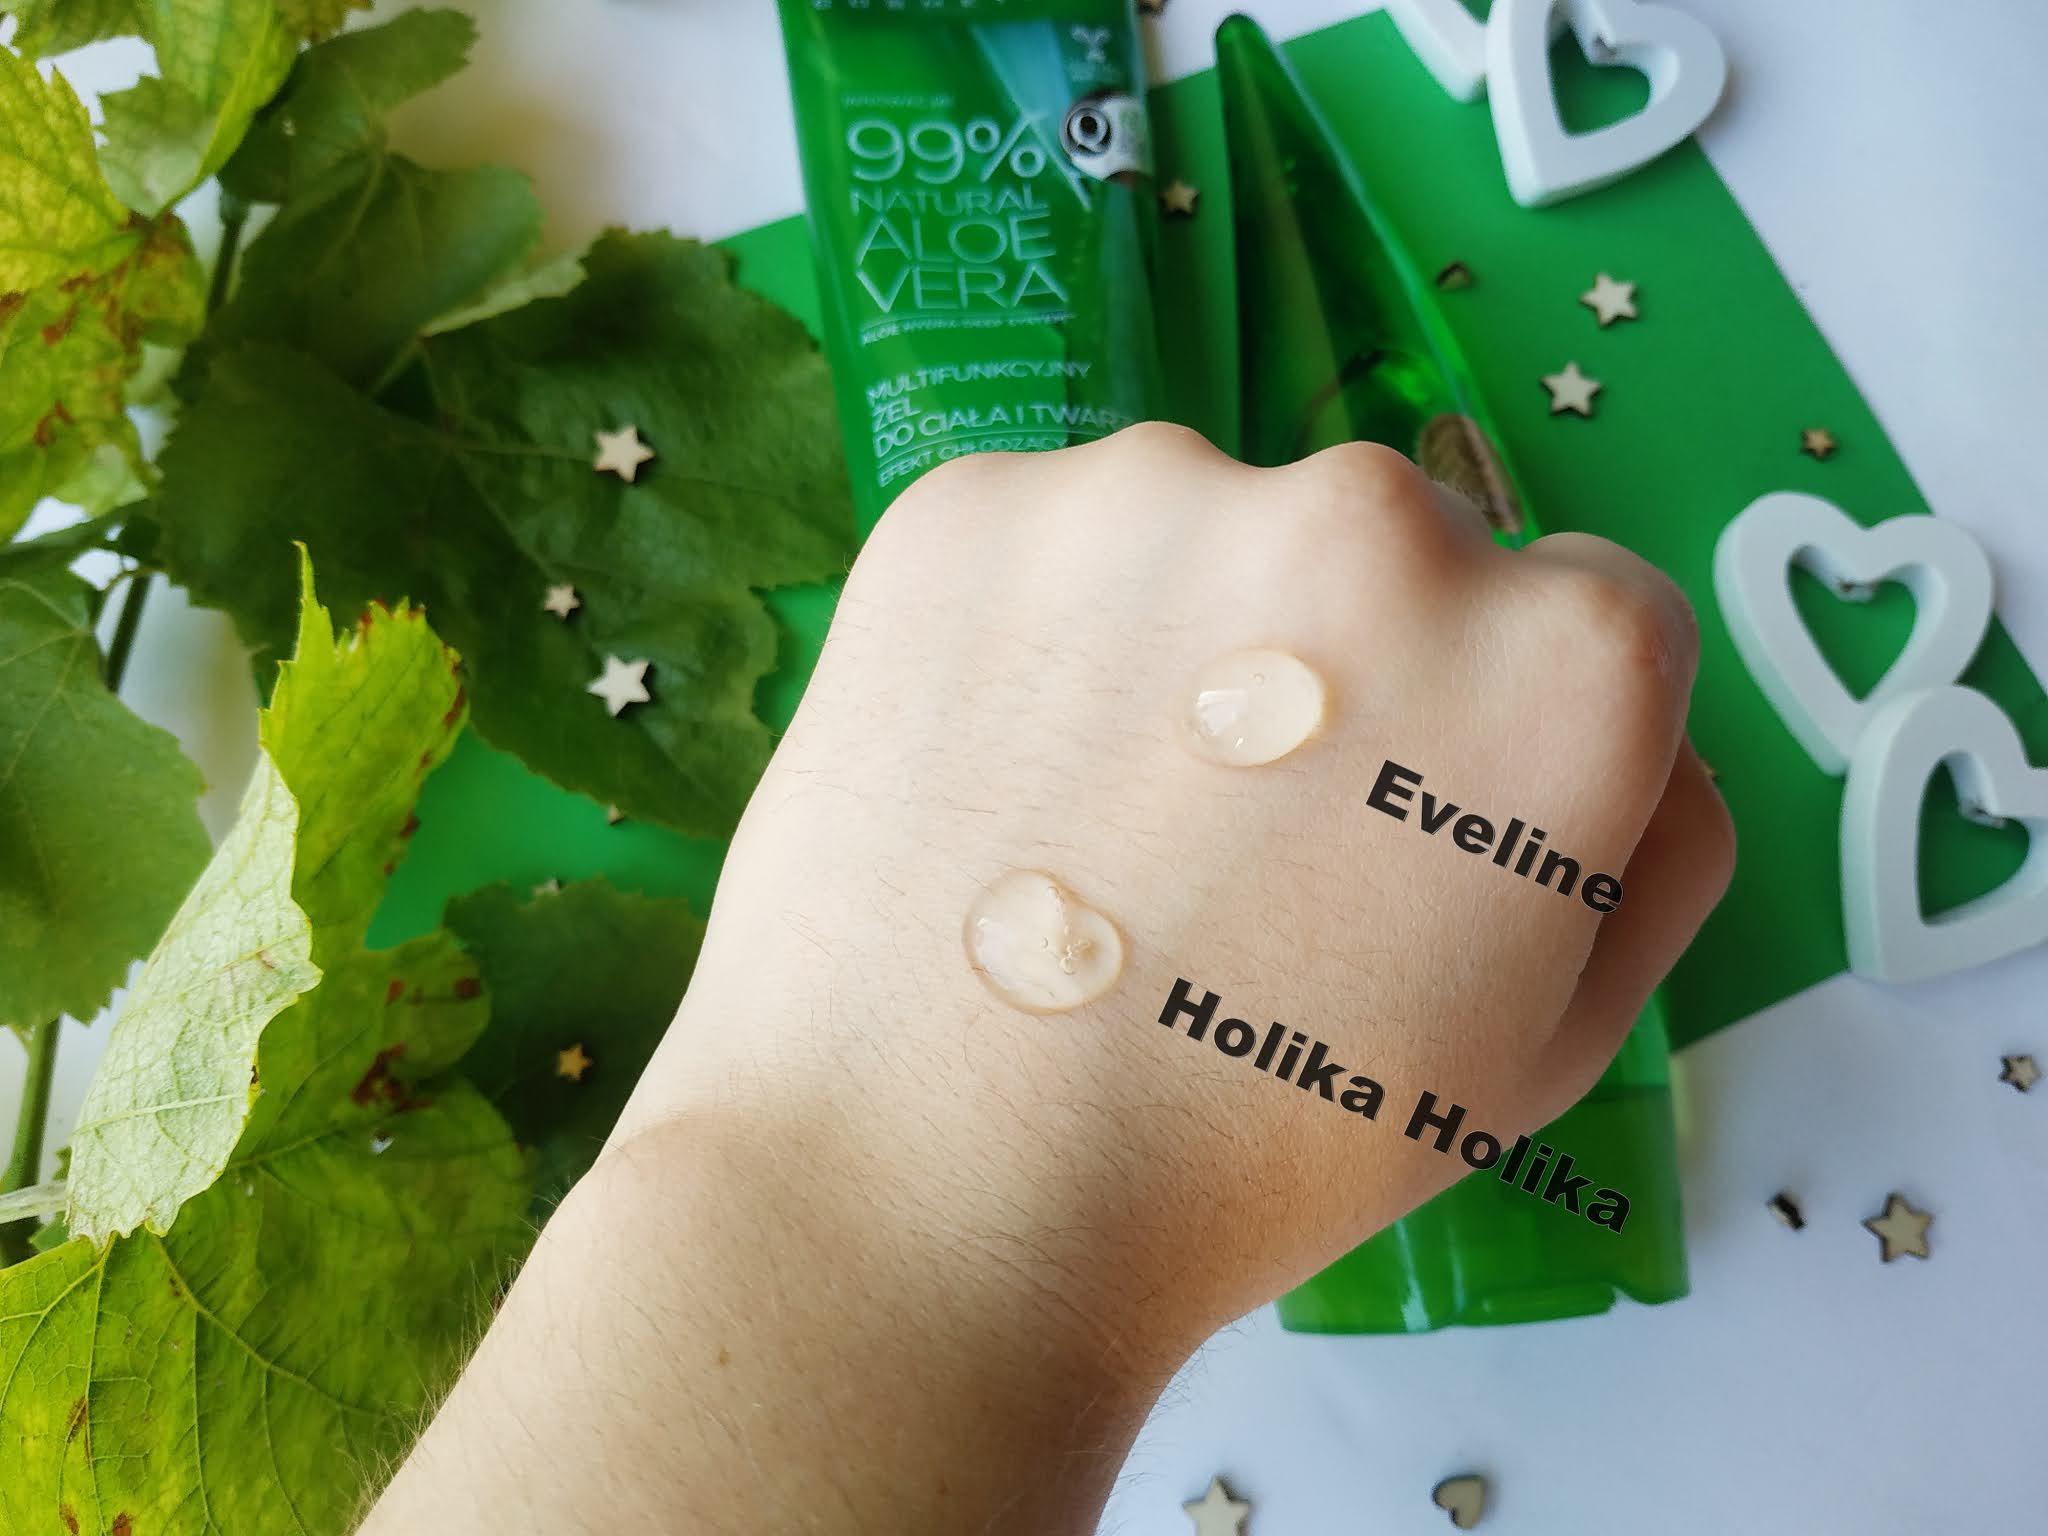 Cena wchłanianie i konsystencja który lepszy Eveline czy Holika Holika?